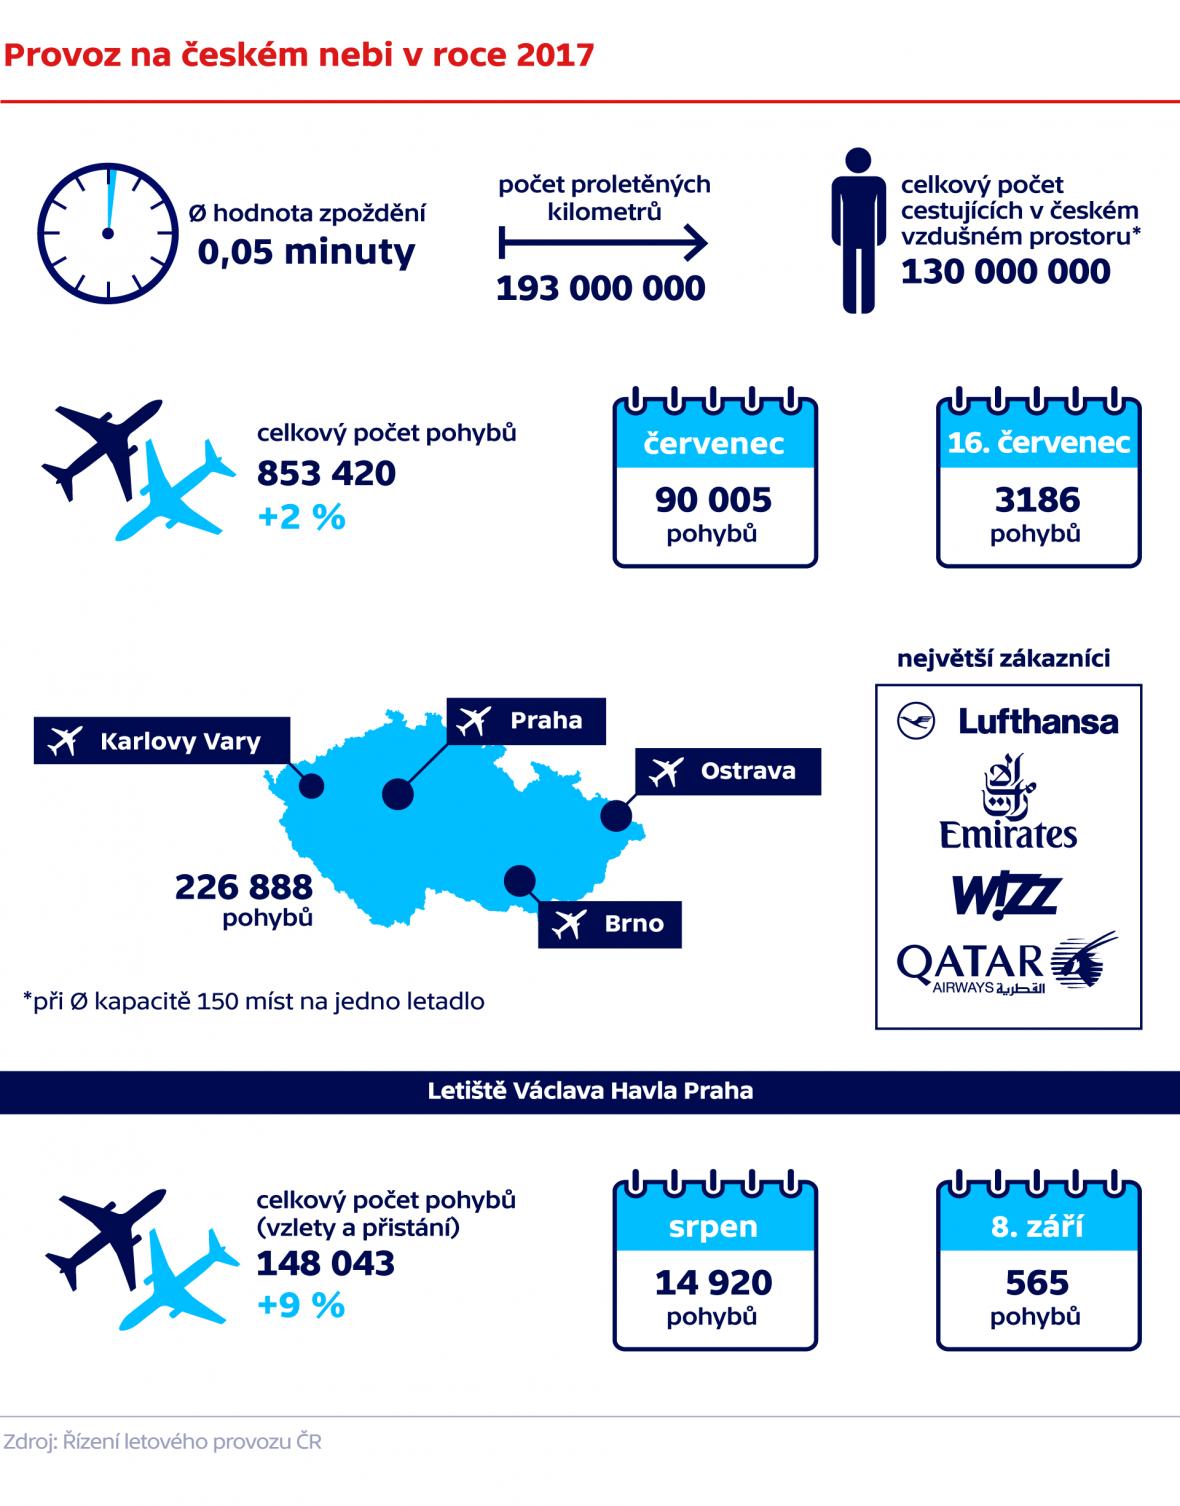 Provoz na českém nebi v roce 2017